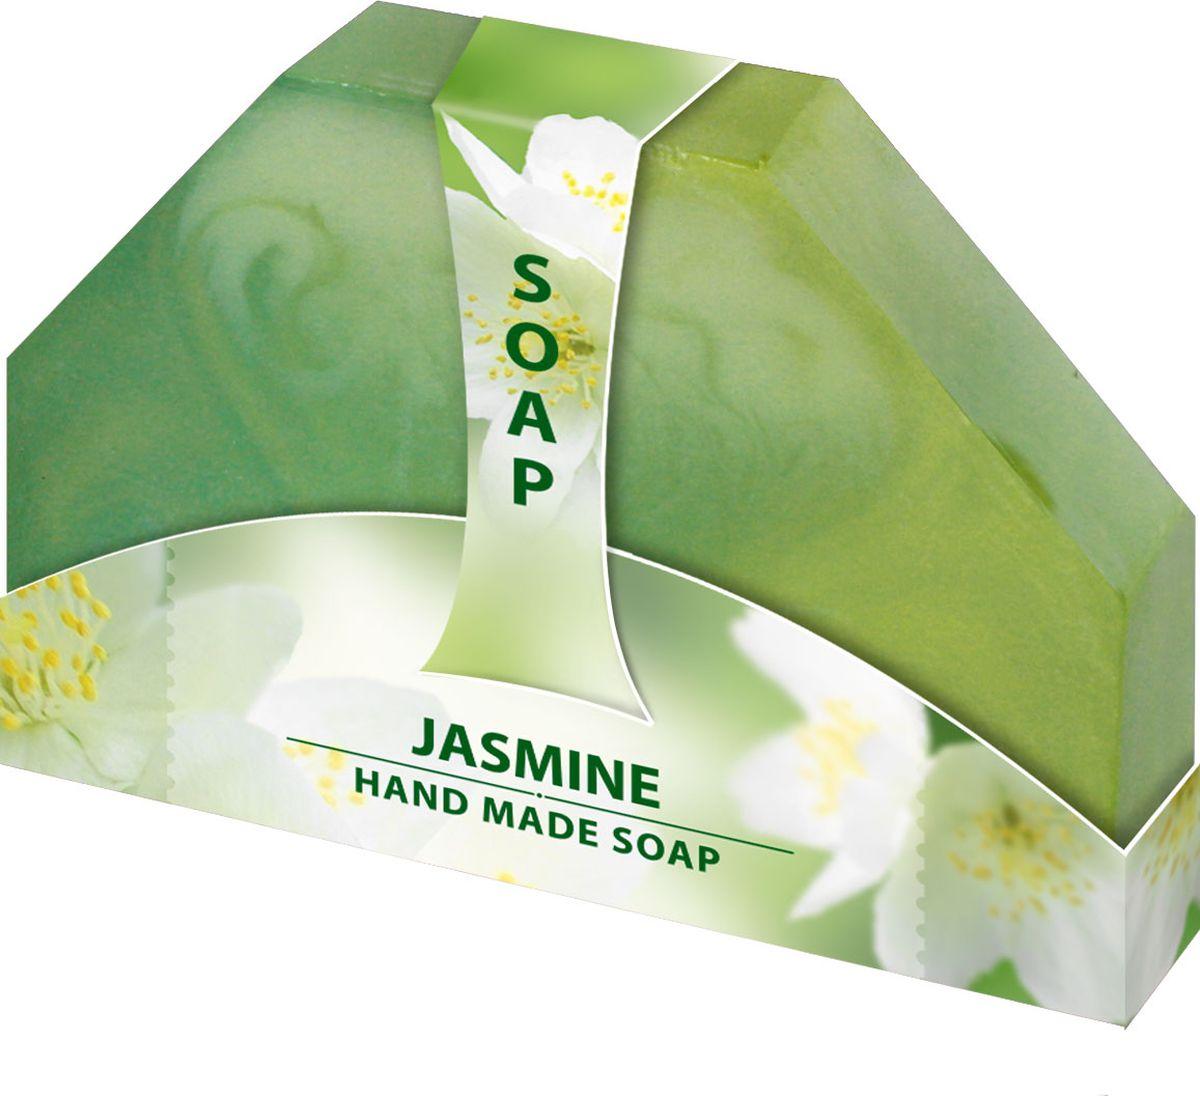 Мыло ручной работы Жасмин Hand made spa collection, 80 г63139Мыло из нежного природного пальмового масла, содержит натуральный экстракт жасмина. Имеет приятный цветочный аромат, который наполнит вашу душу удовольствием. Наслаждайтесь гладкостью кожи после каждого использования. Очищает и тонизирует кожу, делая ее бархатистой.